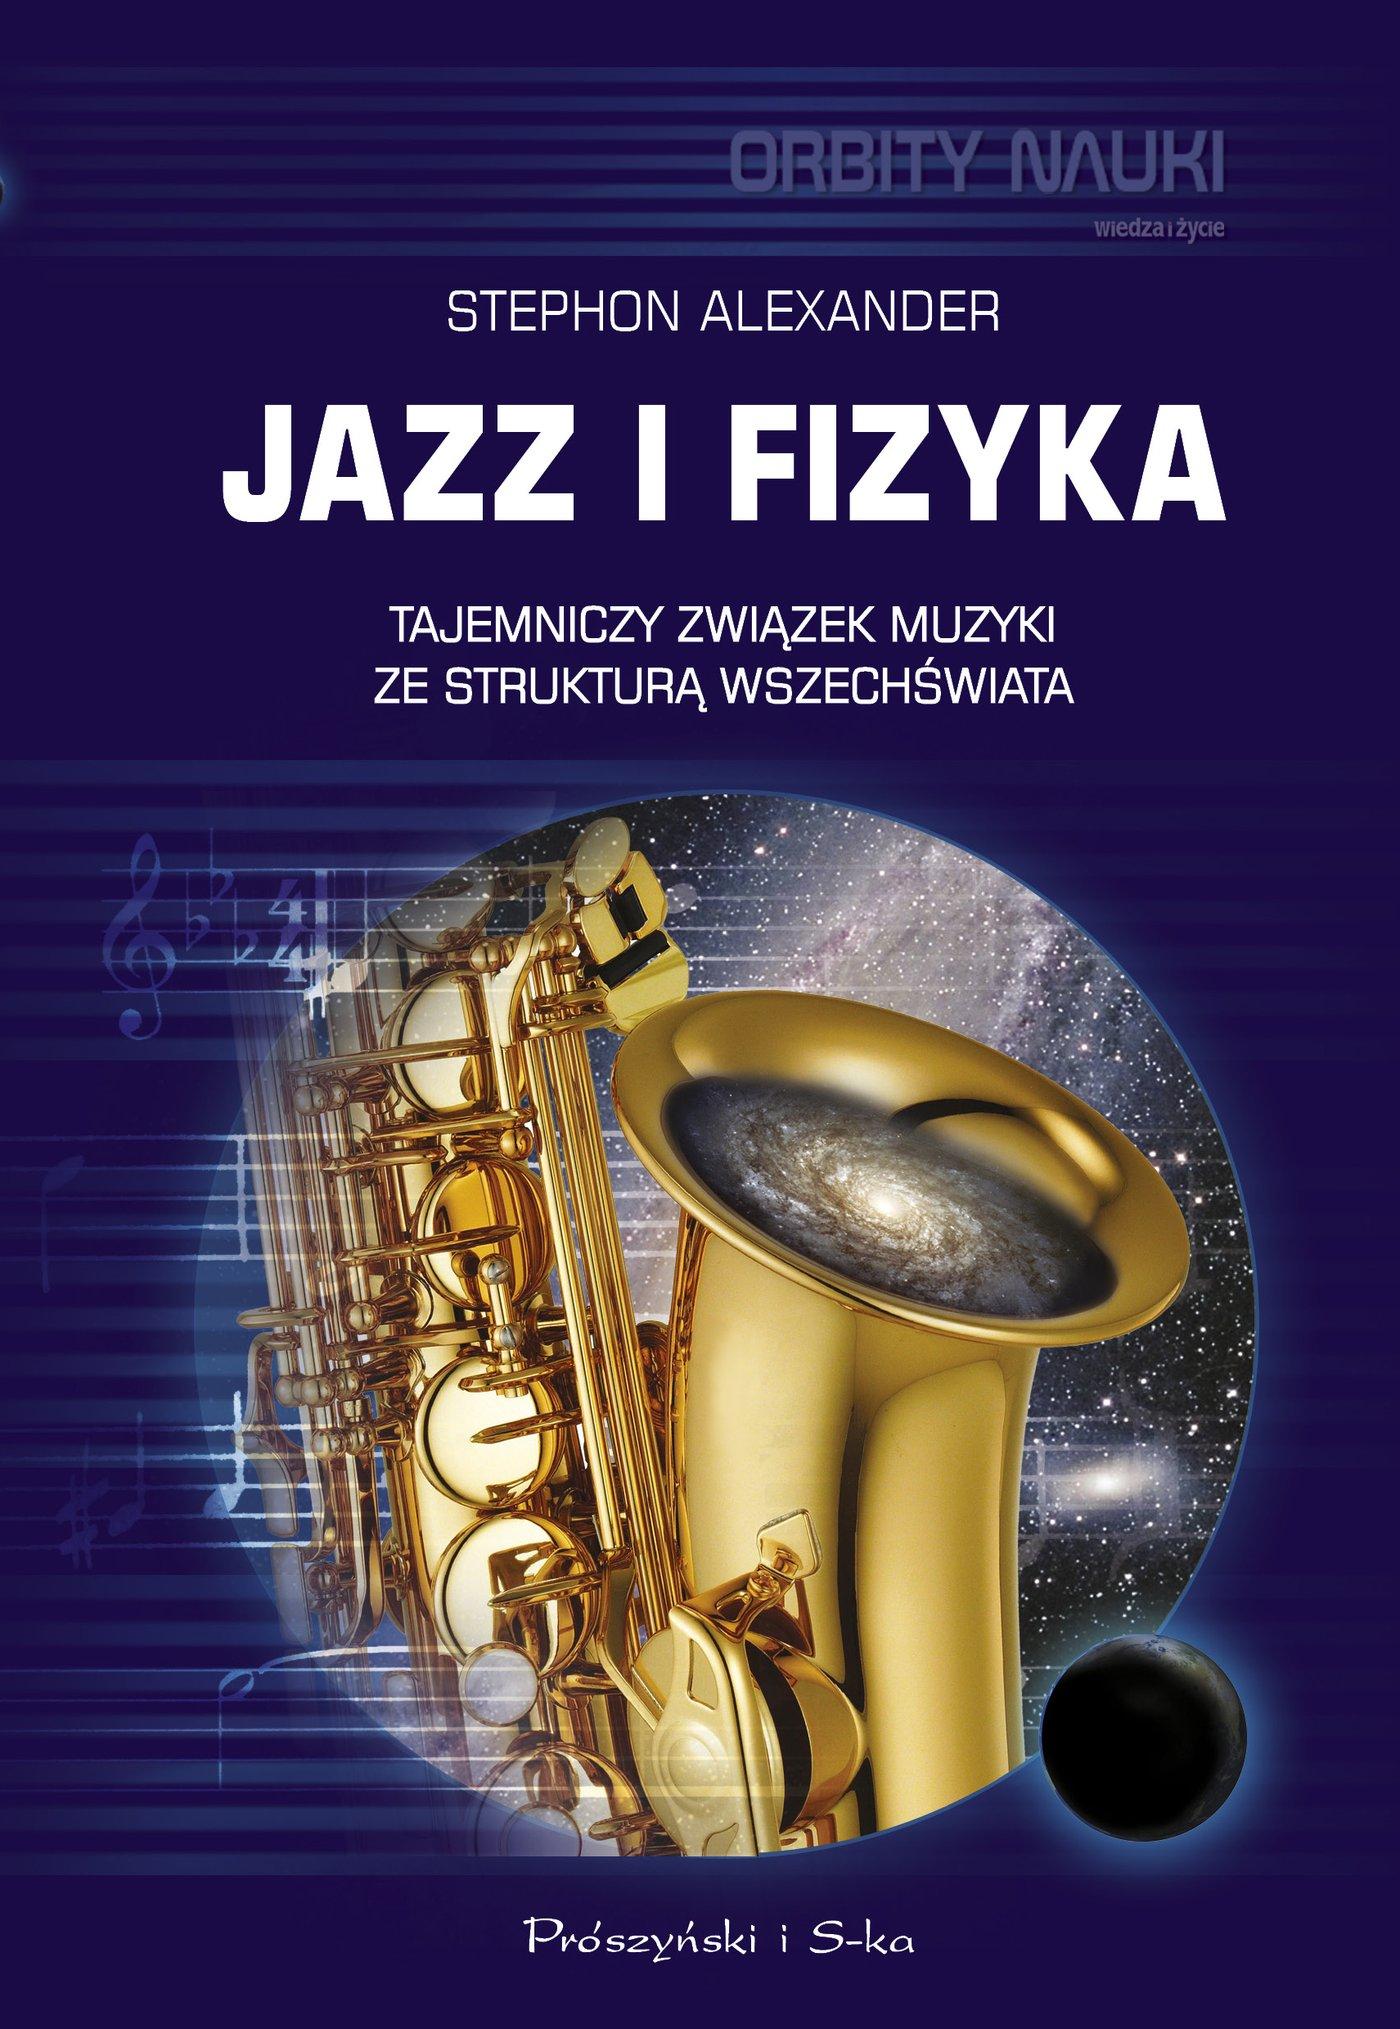 Jazz i fizyka - Ebook (Książka EPUB) do pobrania w formacie EPUB